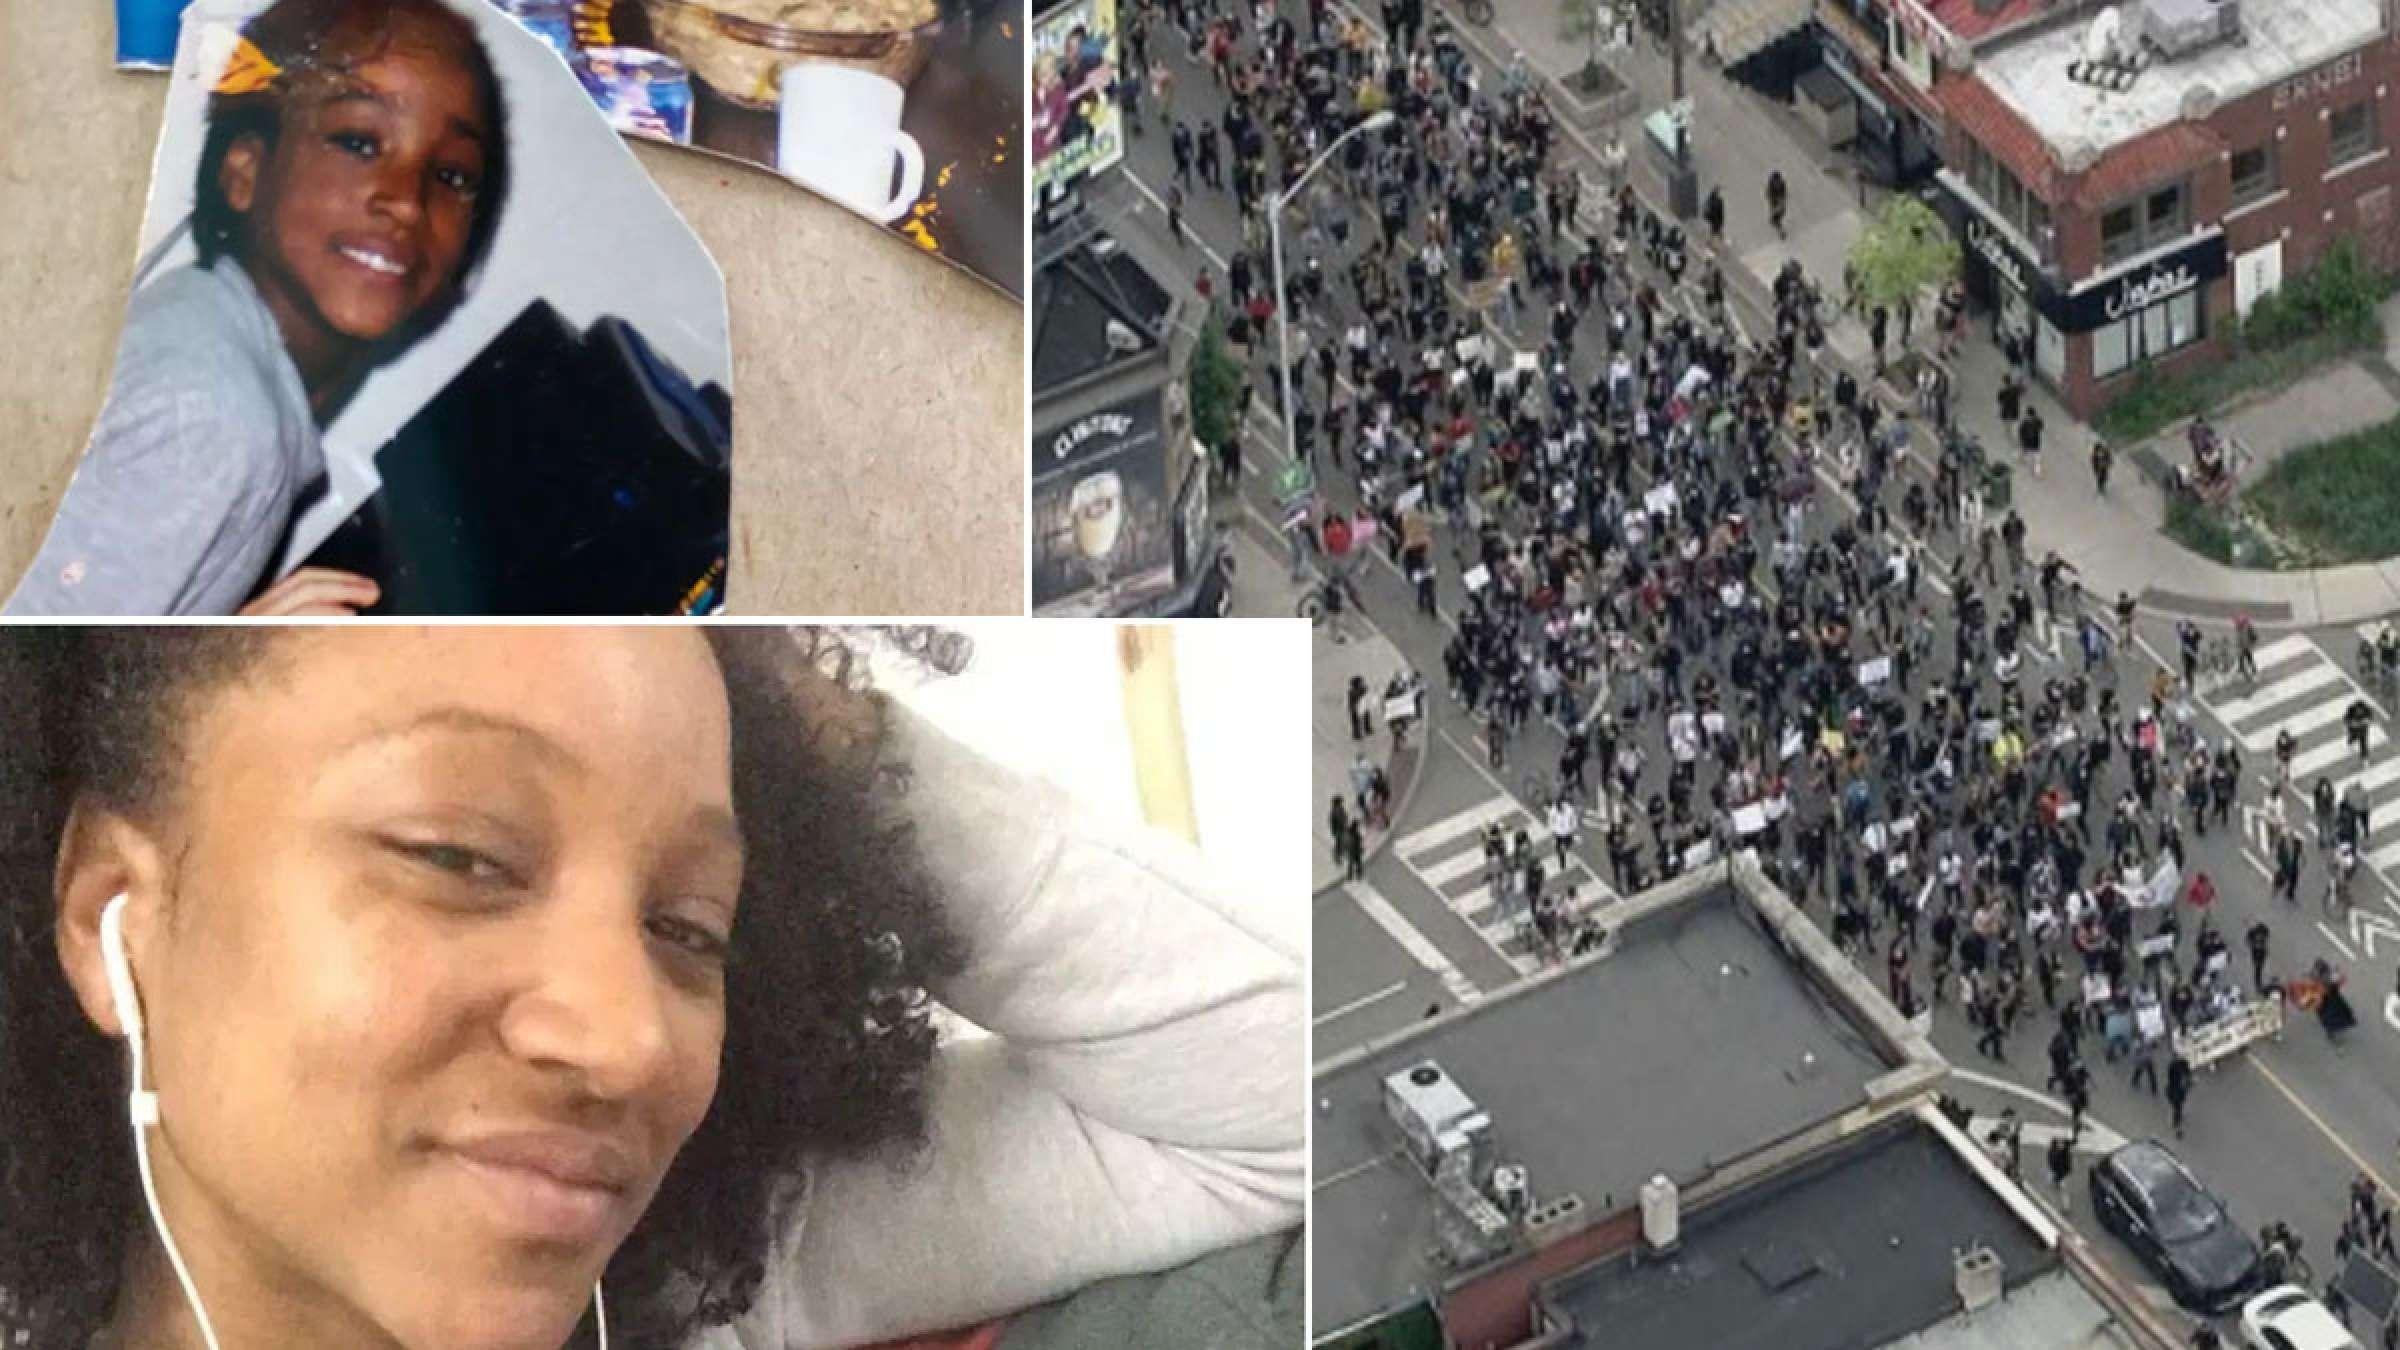 اخبار-تونتو-تظاهرات-هزاران-نفری-در-تورنتو-و-حضور-سنگین-پلیس